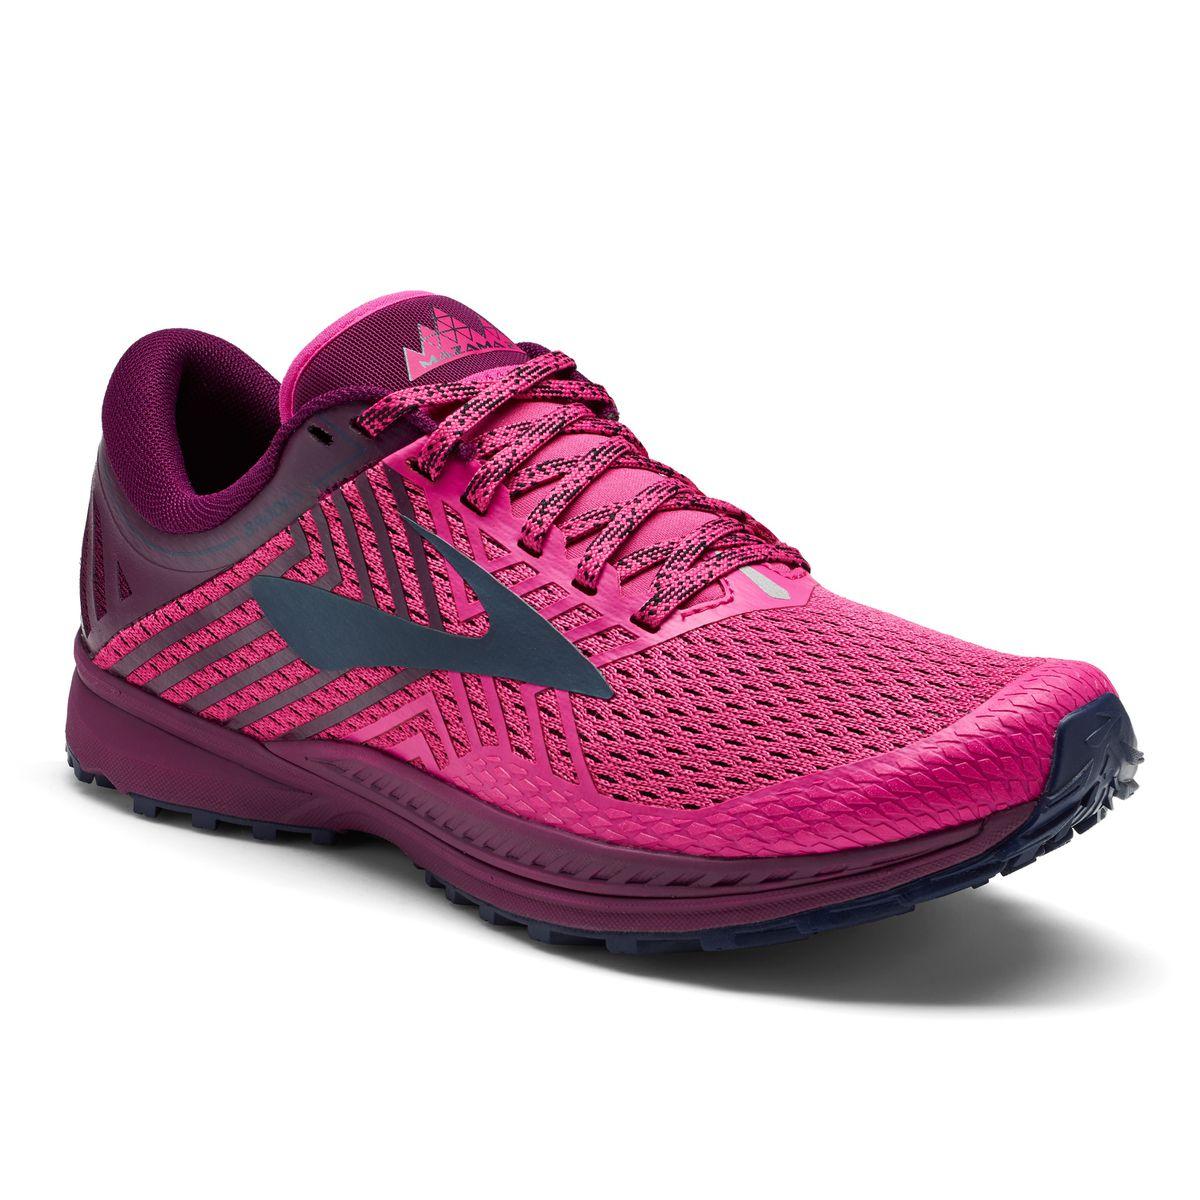 Brooks Womens Mazama 2 Trail Running Shoes  Pink Plum  Navy